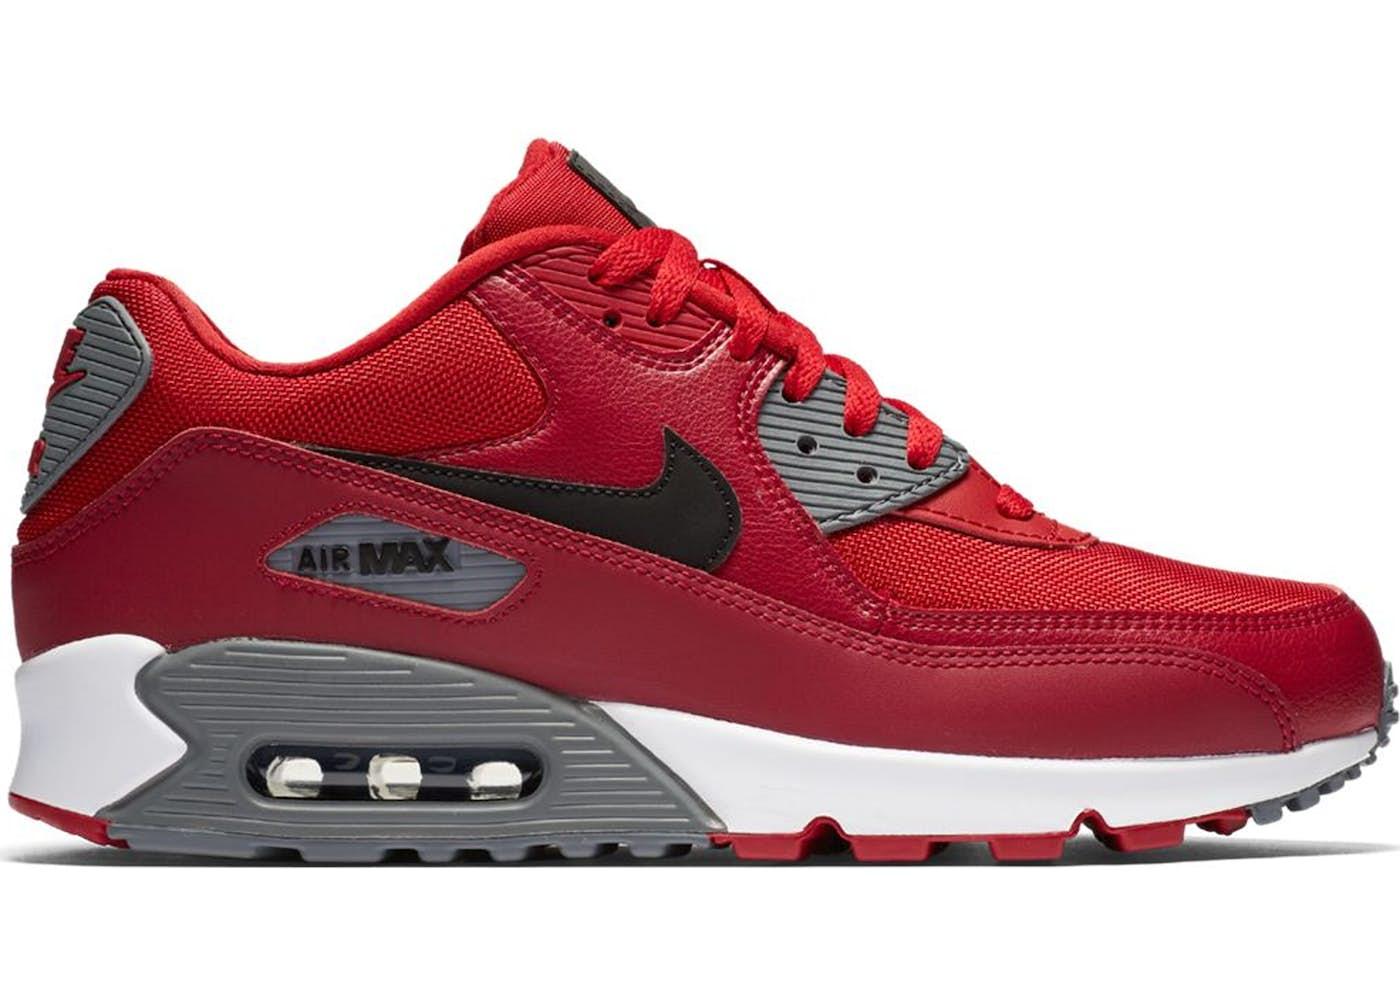 nike air max 90 red black